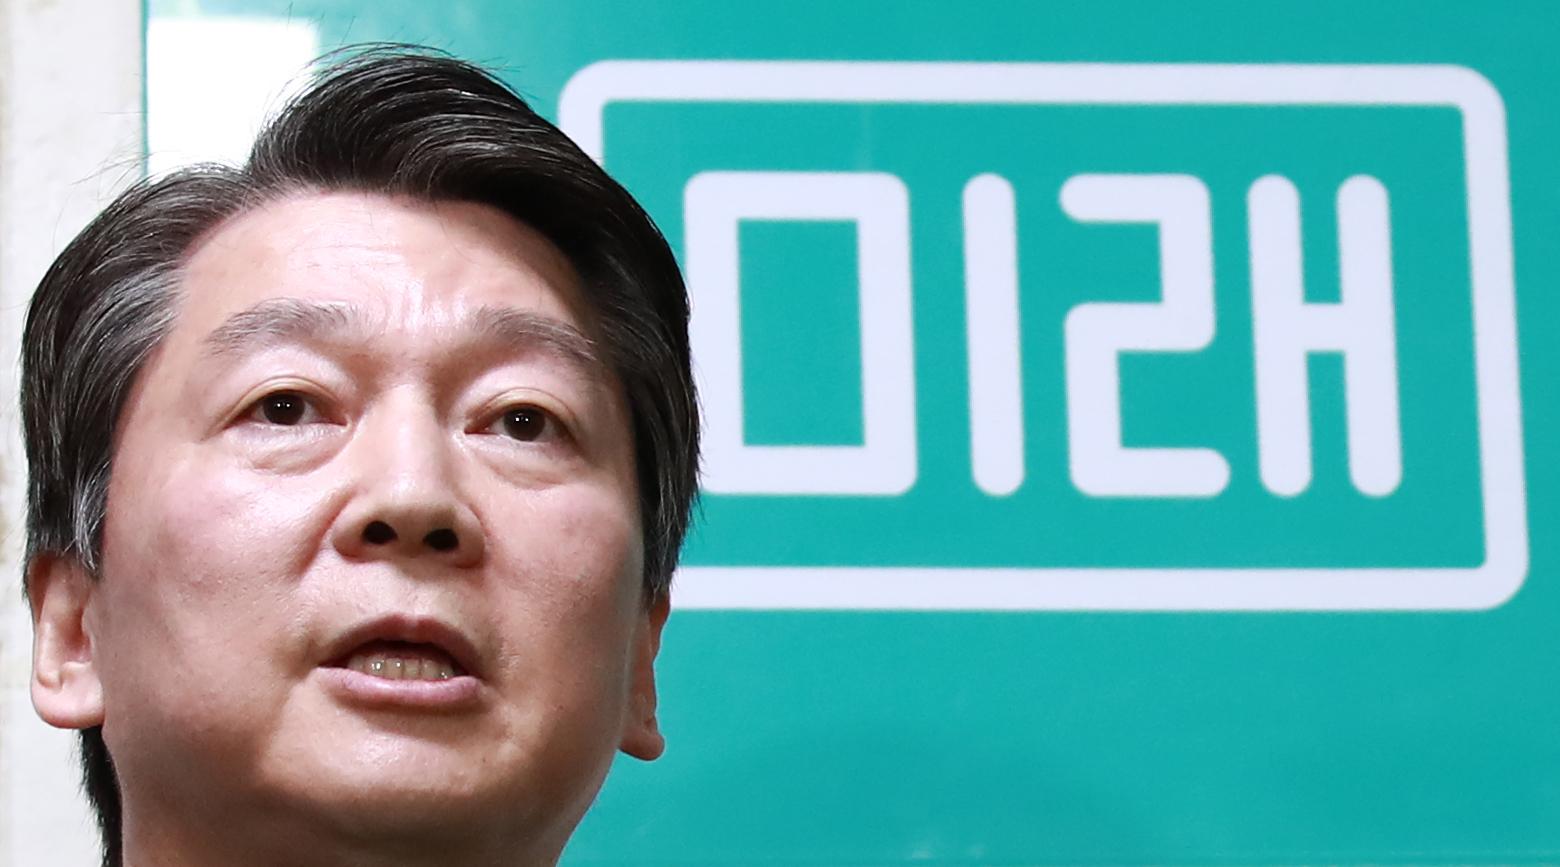 안철수 국민의당 대표가 26일 오후 서울 마포구 도화동 싱크탱크 미래에서 열린 현판식에서 발언하고 있다. [연합뉴스]